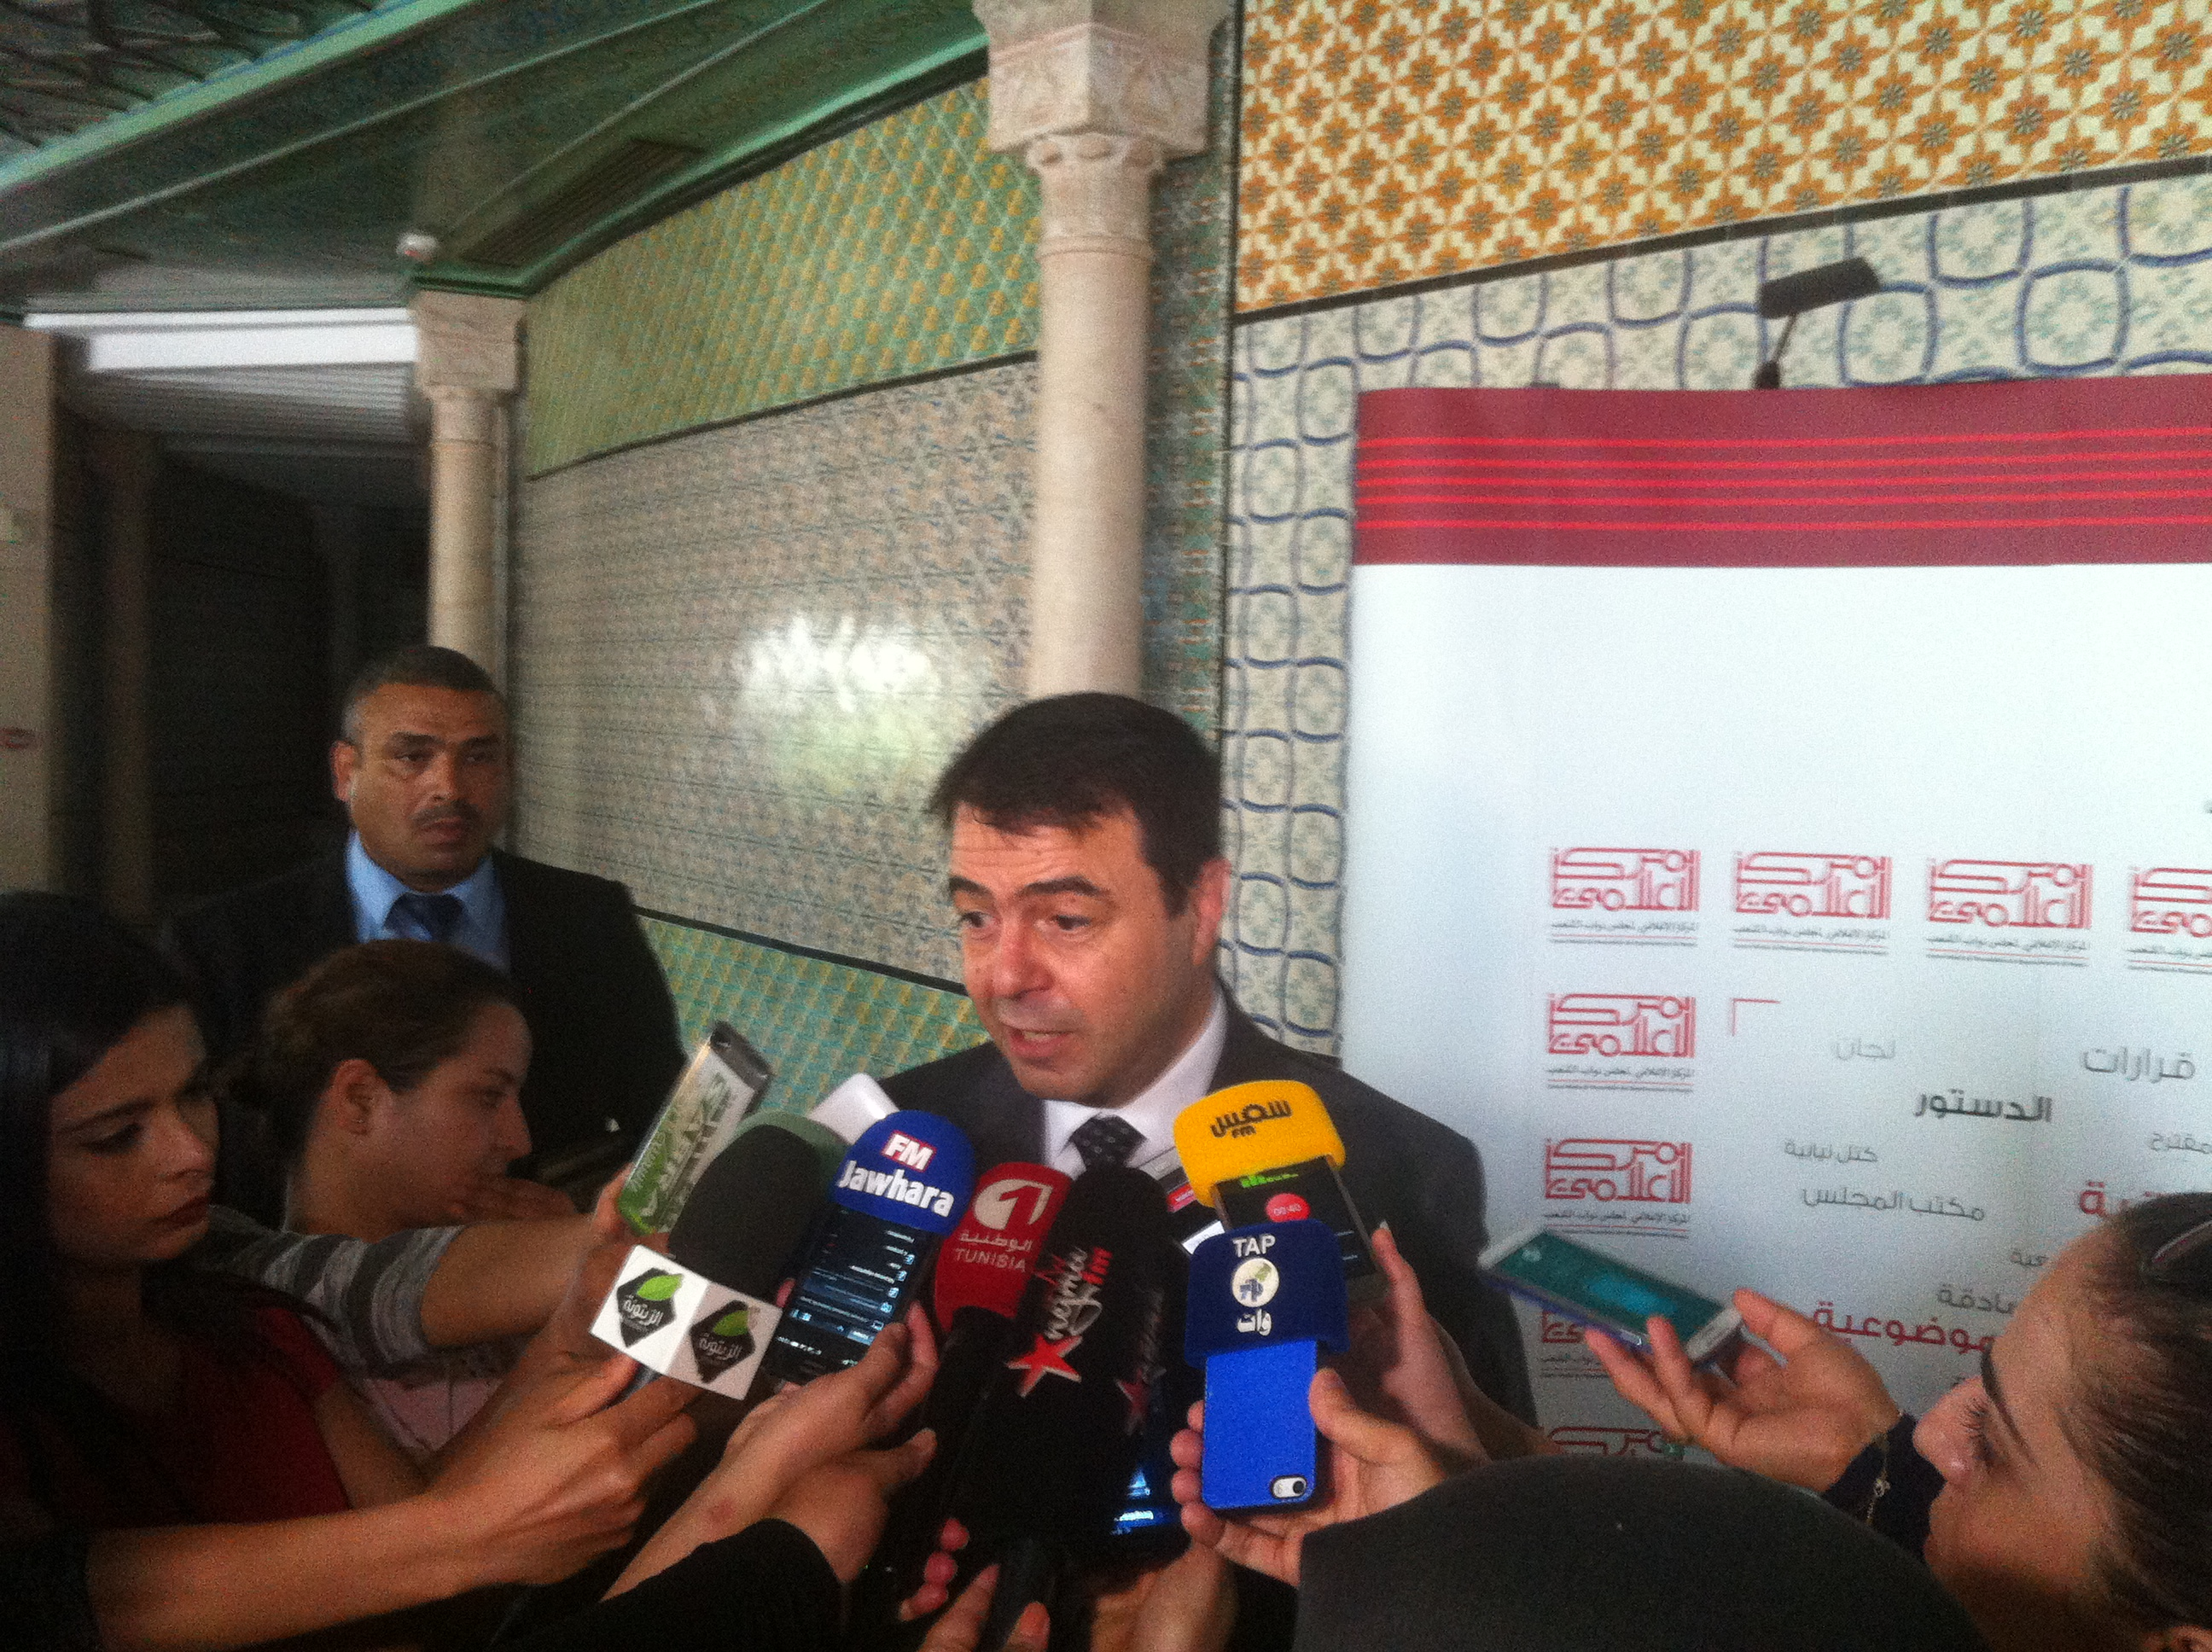 مساندة للنقابات الأمنية: وزير الداخلية يطالب بسن قانون لحماية الأمنيين